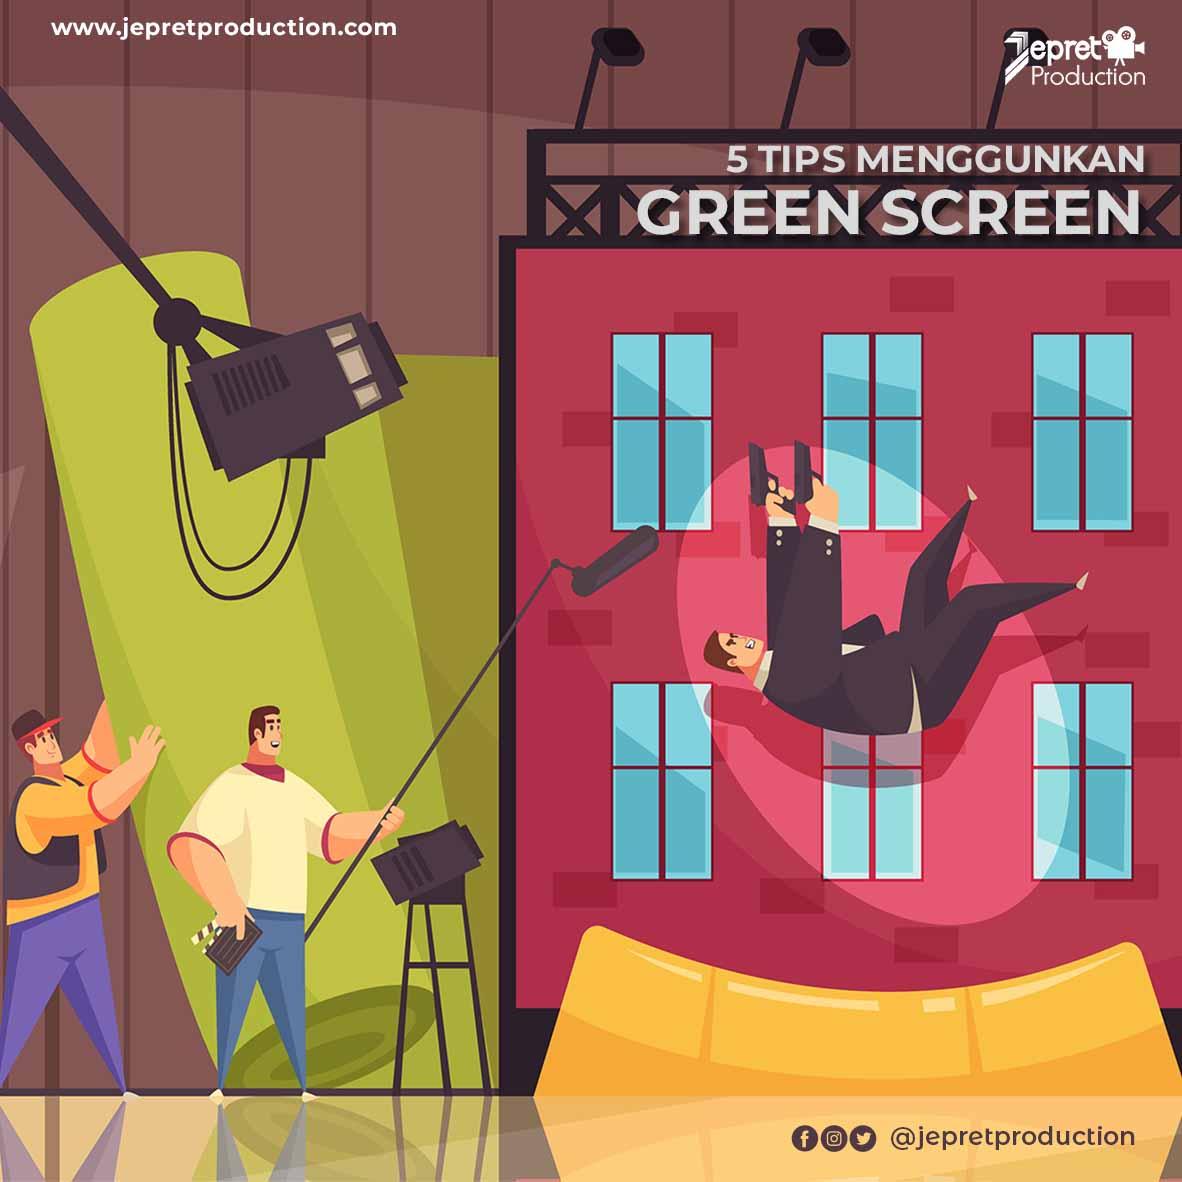 5 Tips Syuting Menggunakan Green Screen